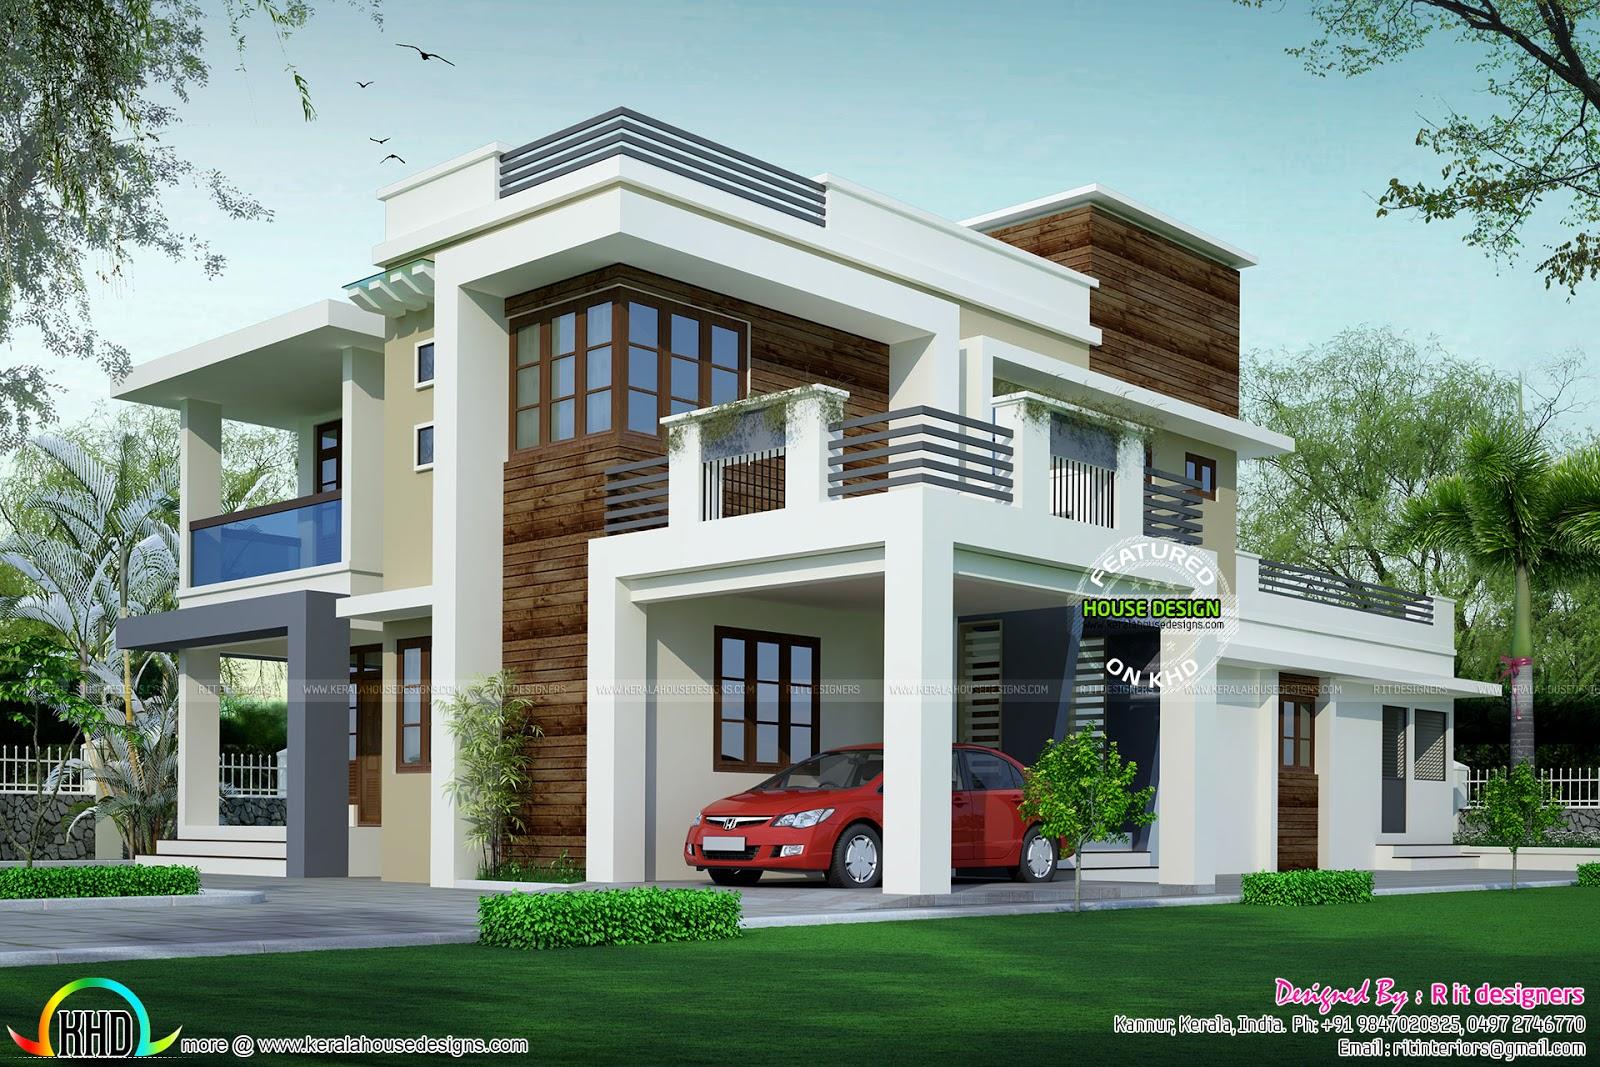 House design contemporary model - Kerala home design and ...